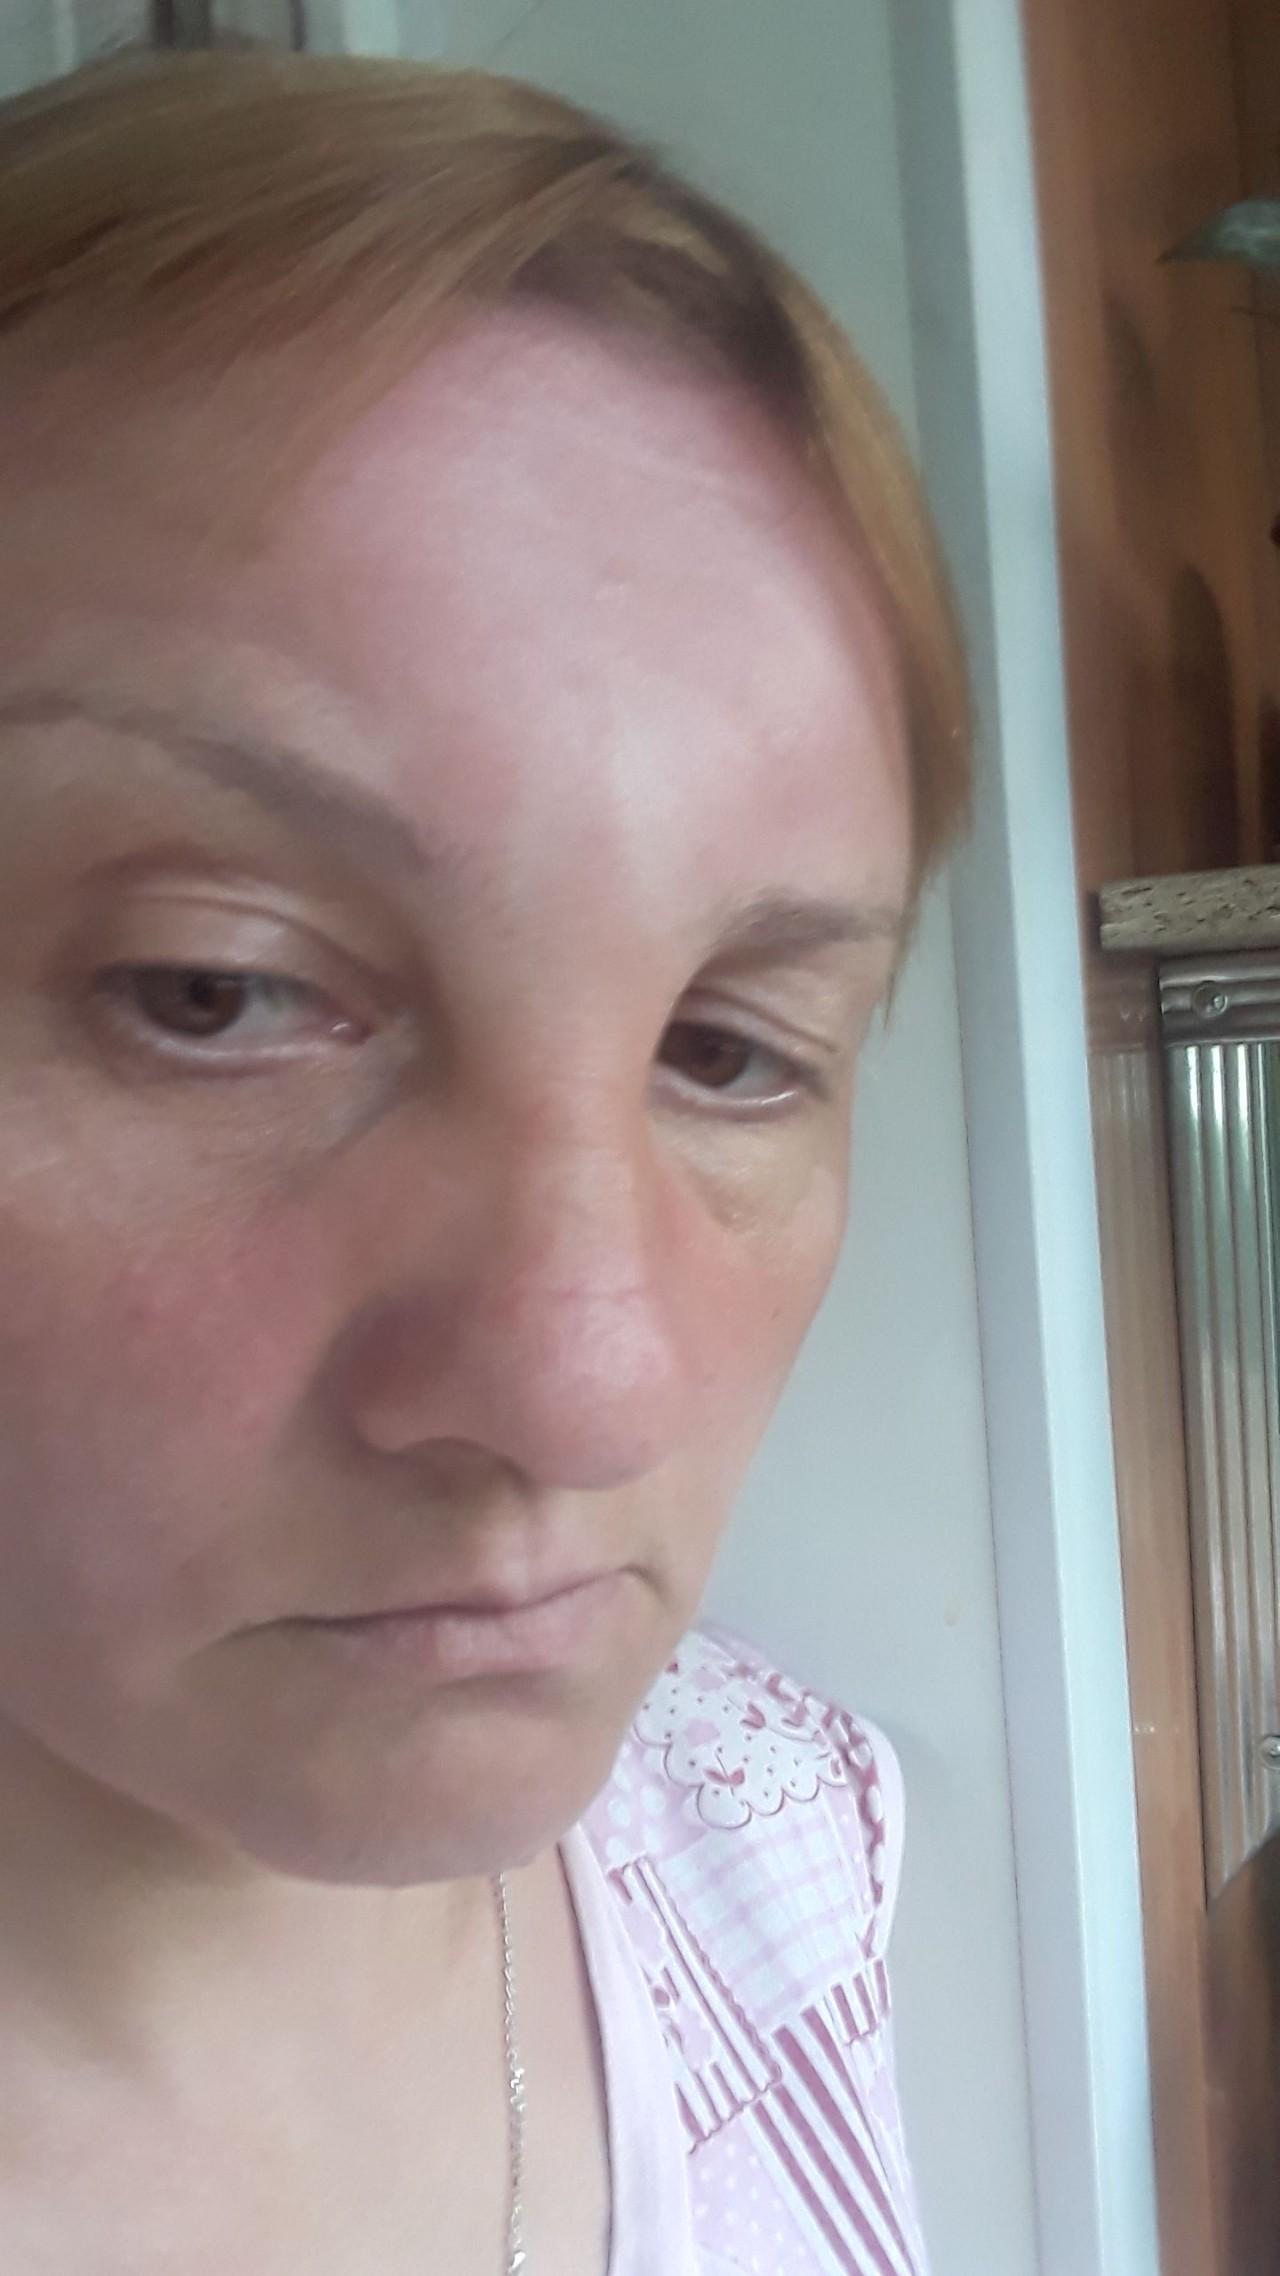 Припухлость на лбу между бровями - заболевание на рак